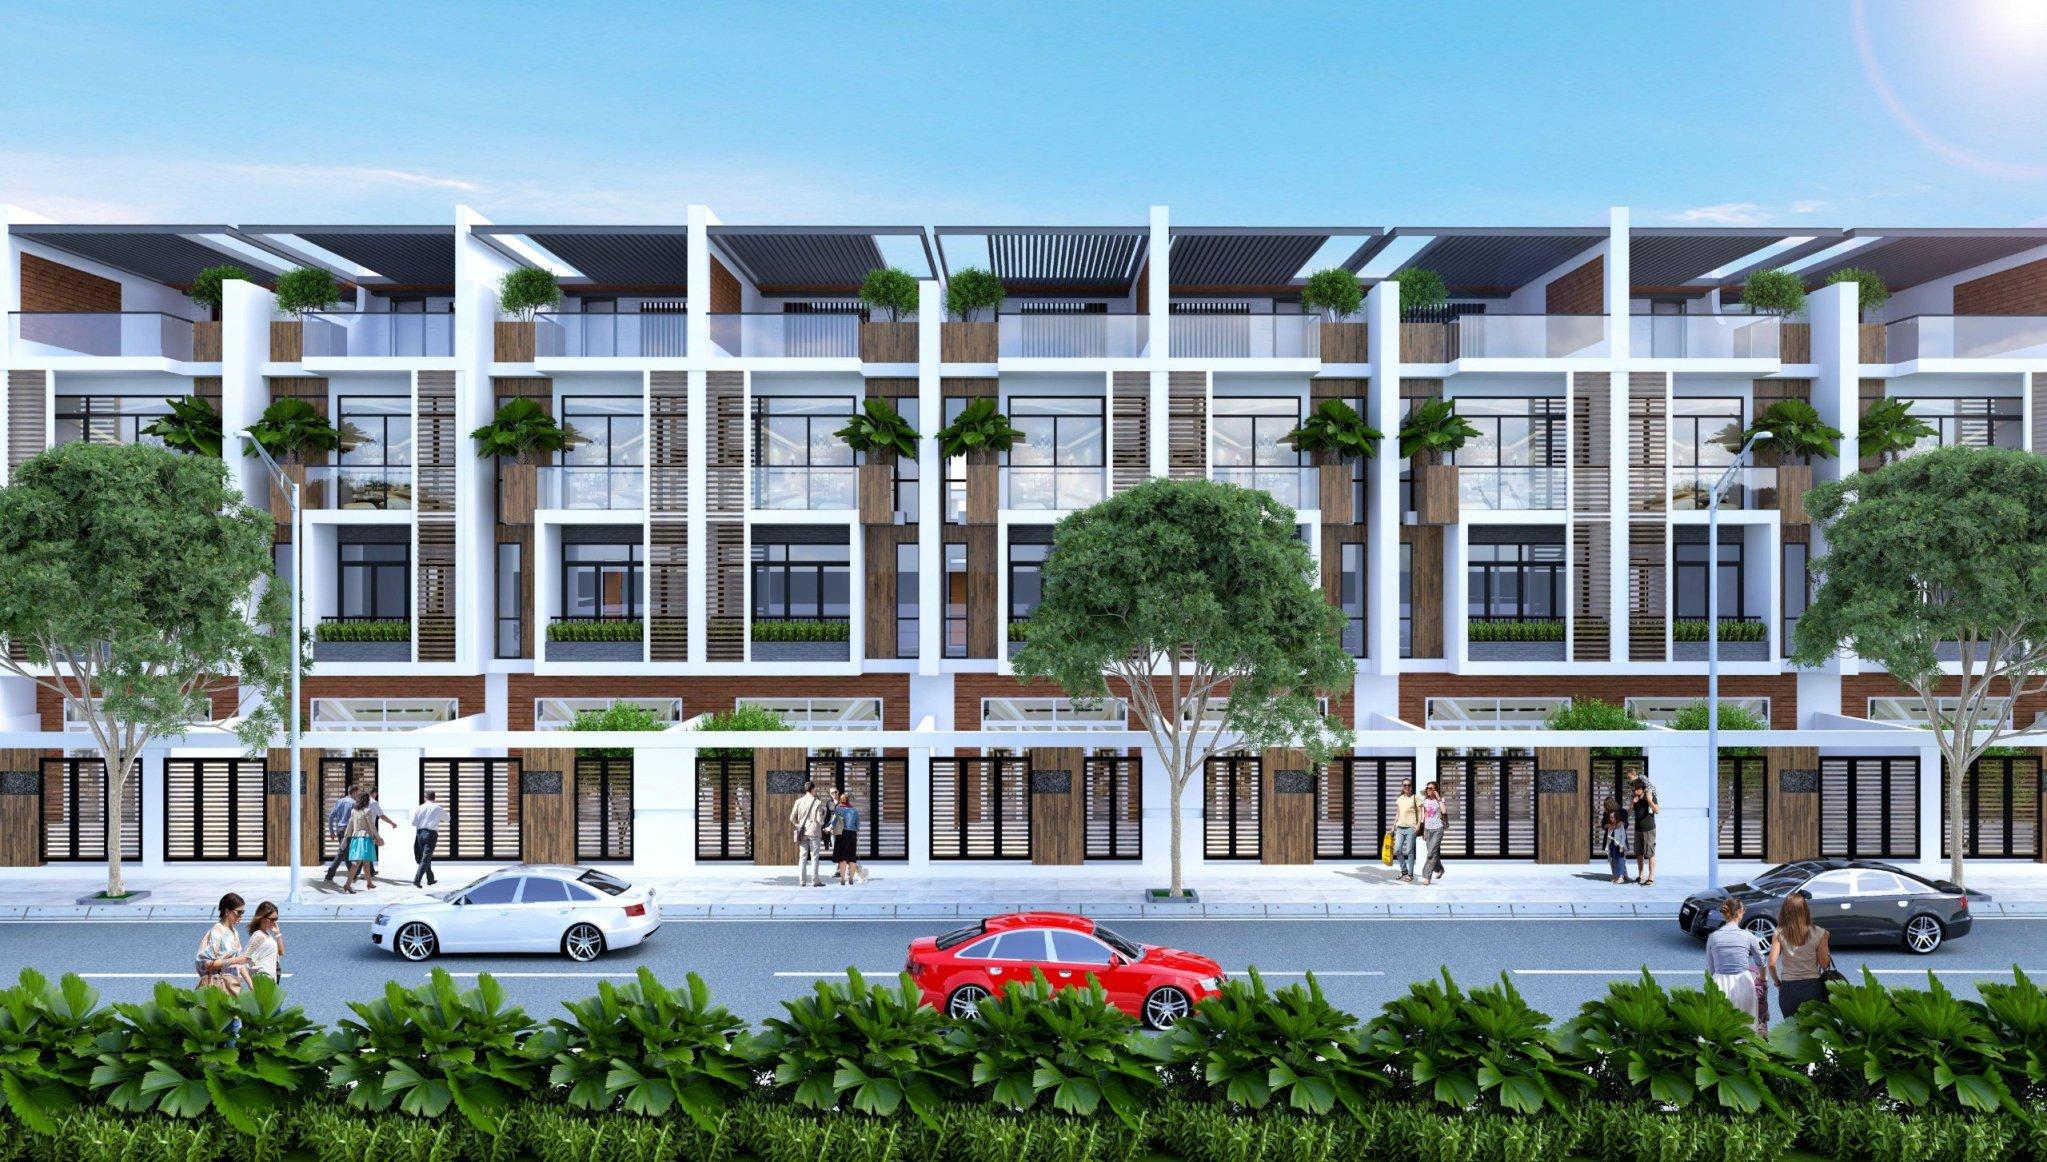 Phối cảnh nhà phố tại dự án khu dân cư Tân Lân Residence